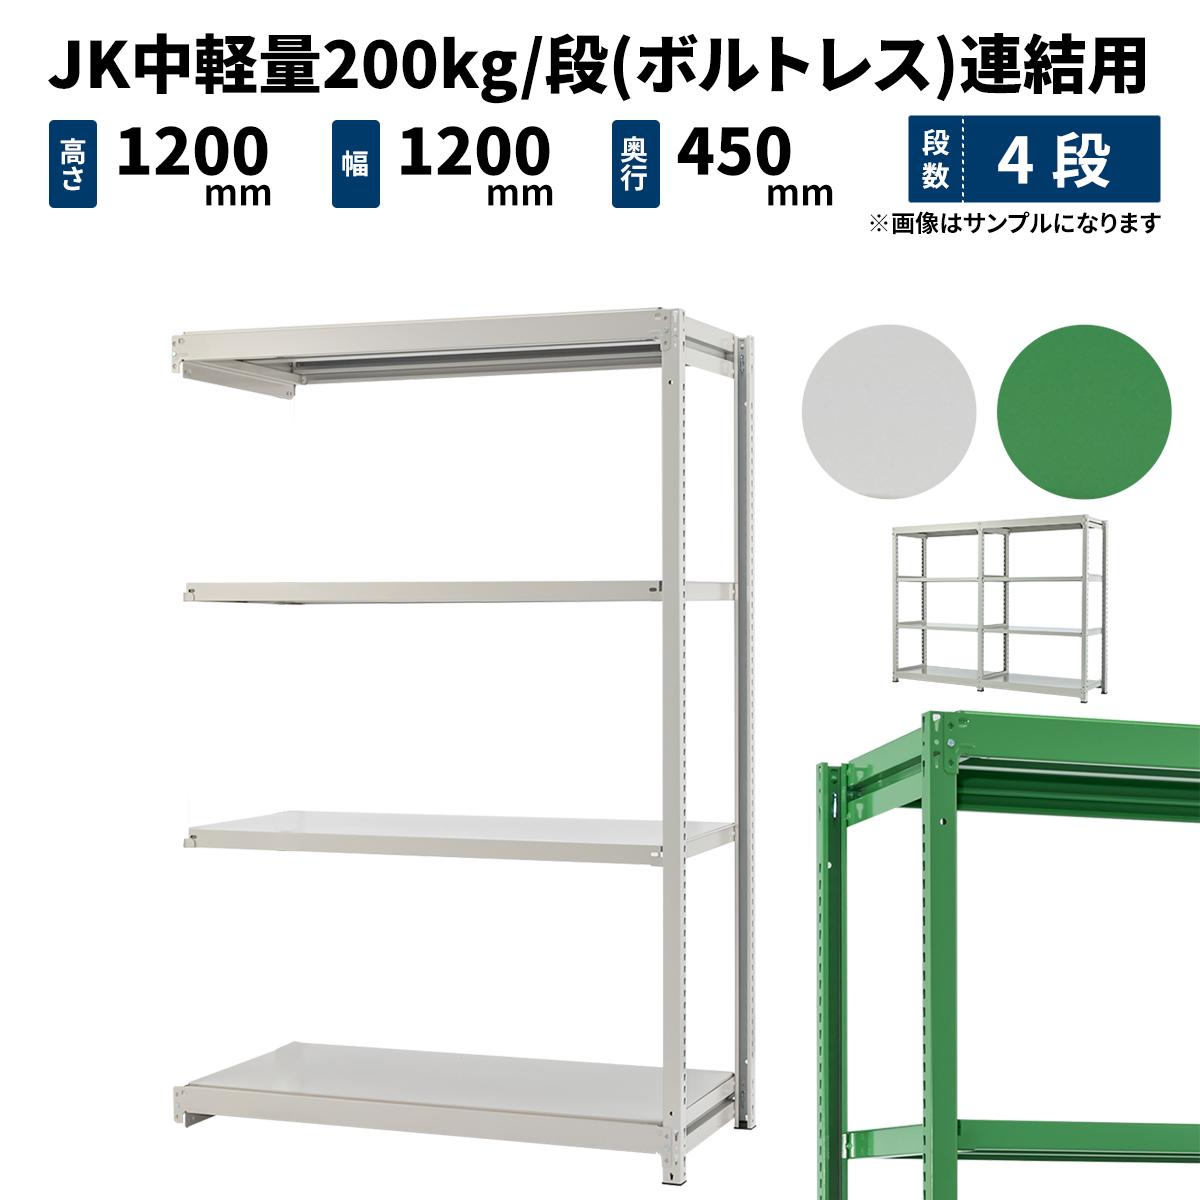 スチールラック 業務用 JK中軽量200kg/段(ボルトレス) 連結形式 高さ1200×幅1200×奥行450mm 4段 ホワイトグレー/グリーン (37kg) JK200_R-121245-4